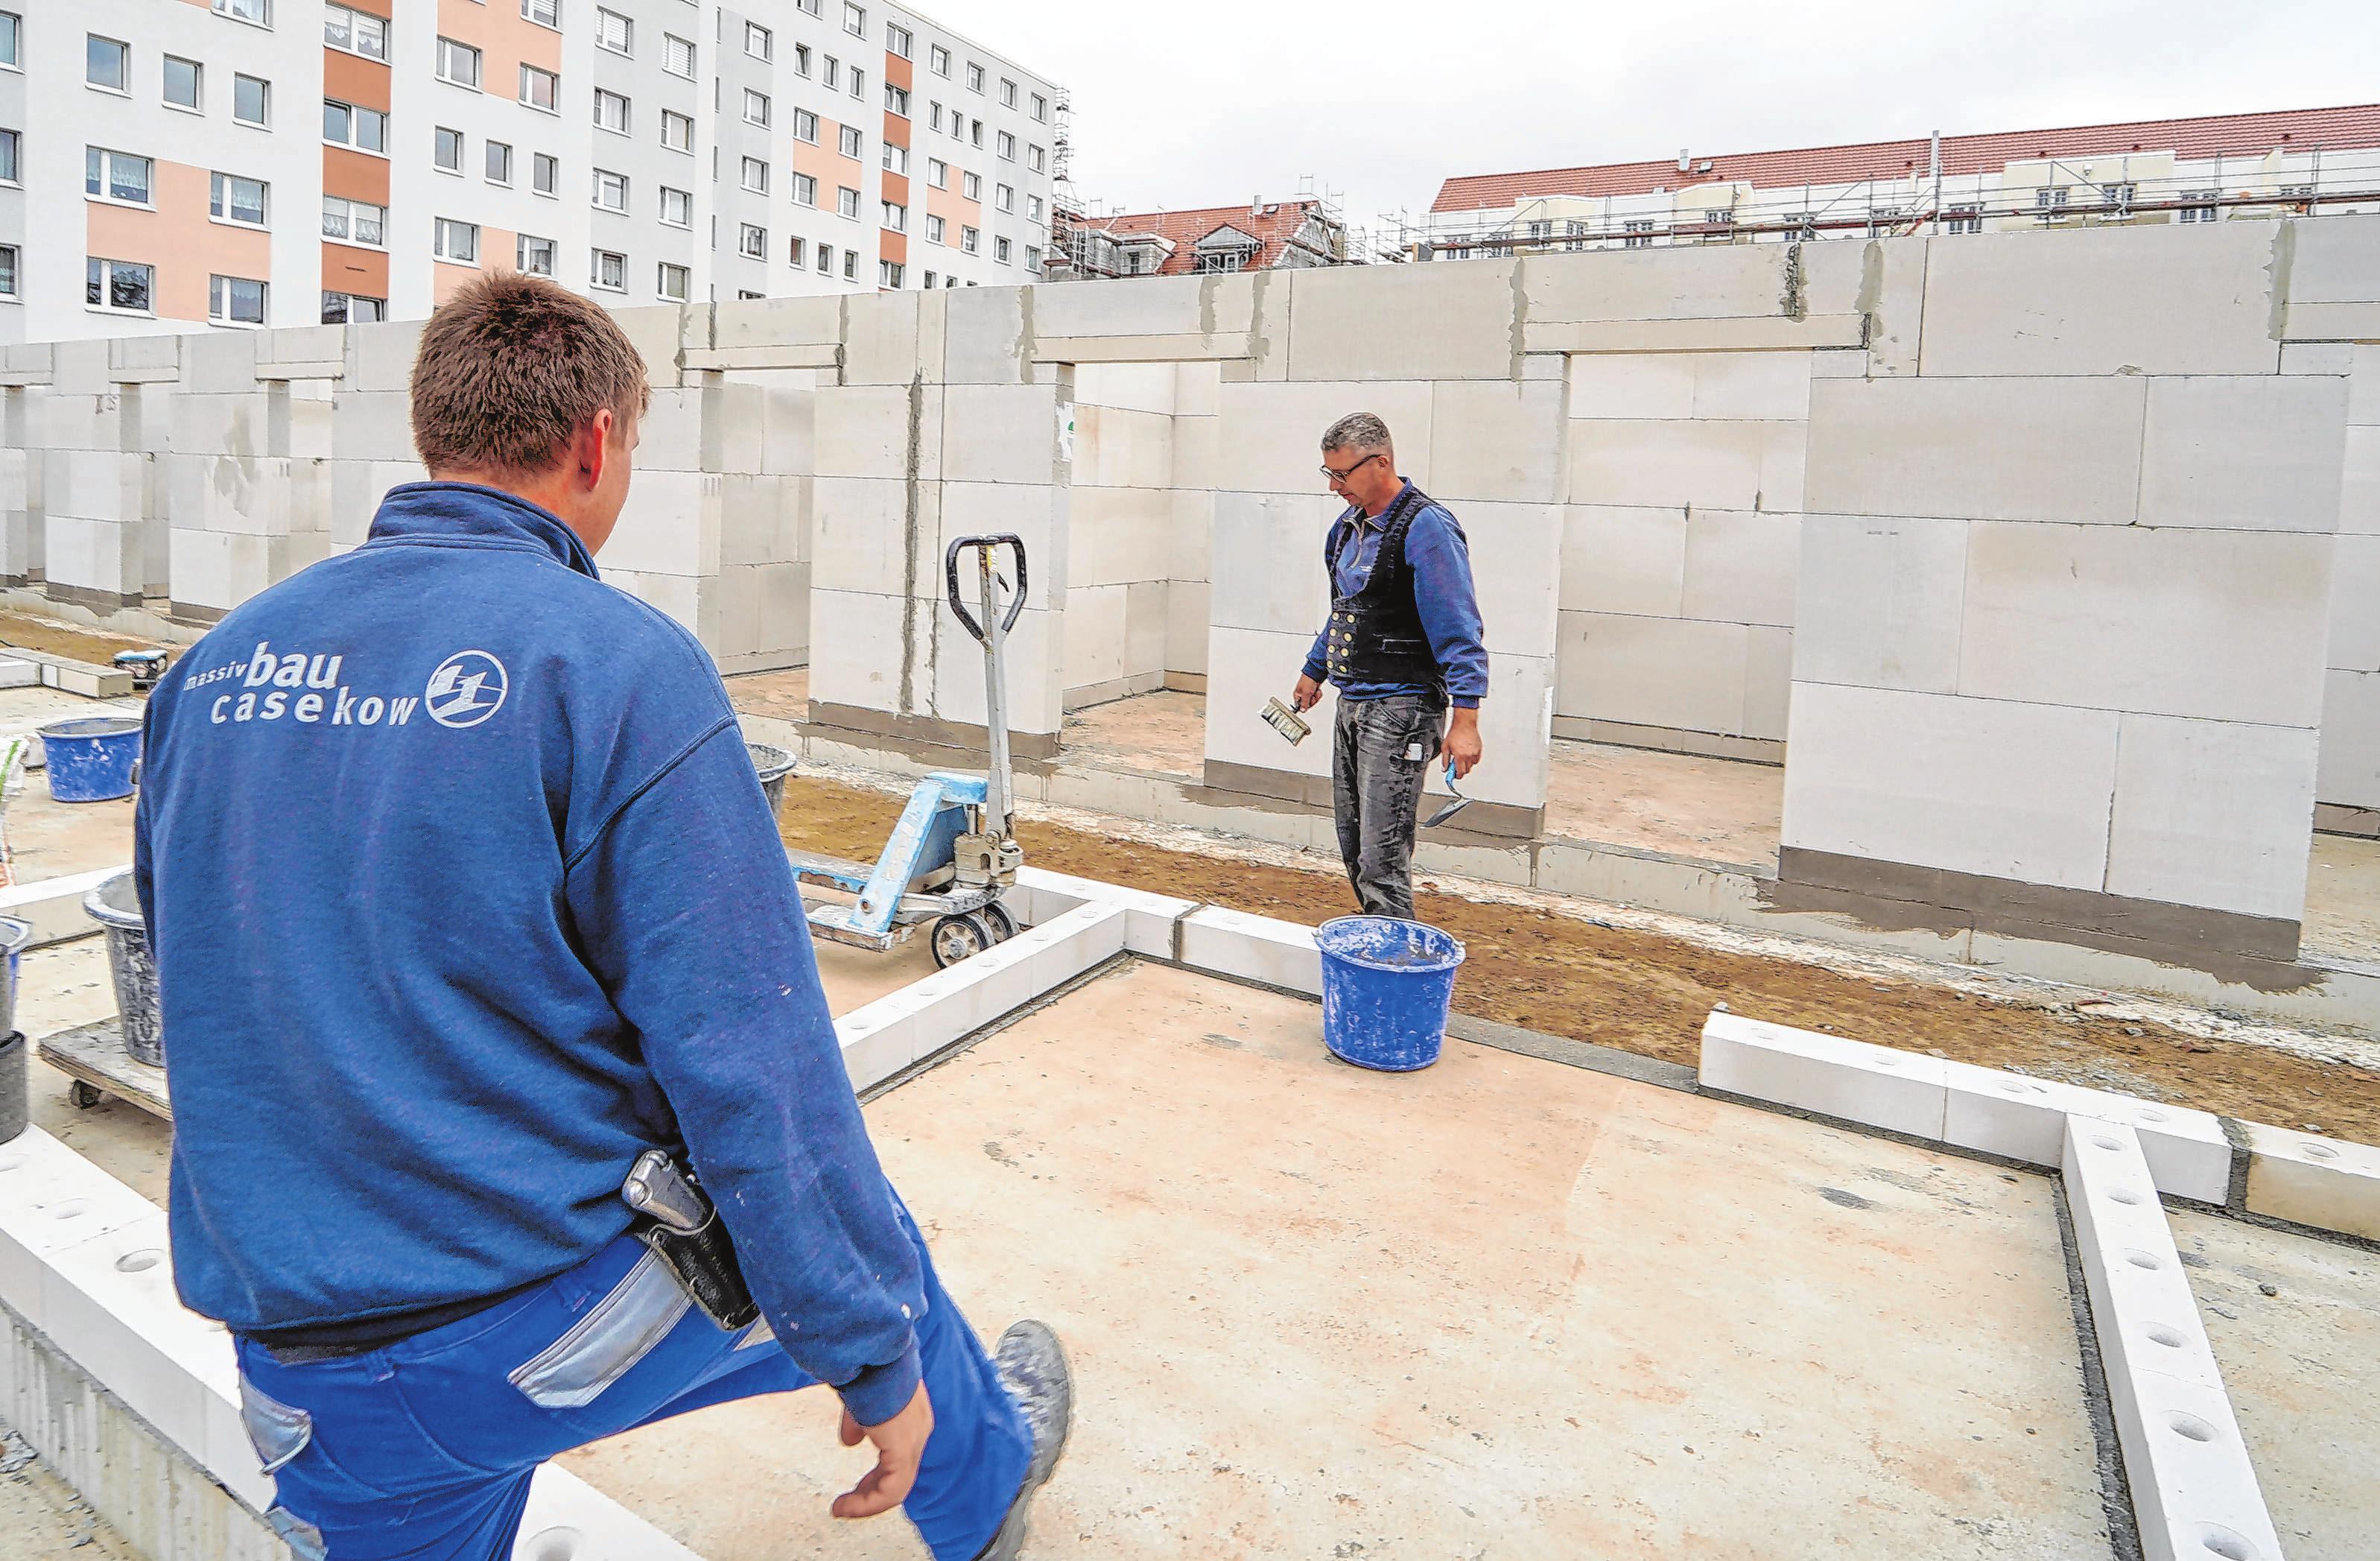 Aktuell im Einsatz: Bauarbeiter der massivBau GmbH Casekow sind derzeit unter anderem am Augustiner Tor in Schwedt gefragt, wo am Garagenkomplex gebaut wird. Außerdem gibt es für die Männer noch mehr zu tun, unter anderem am Wassersportzentrum, an der Astrid-Lindgren-Schule und auch auf dem Gelände des Jüdischen Ritualbades in Schwedt. Fotos: MMH/Oliver Voigt